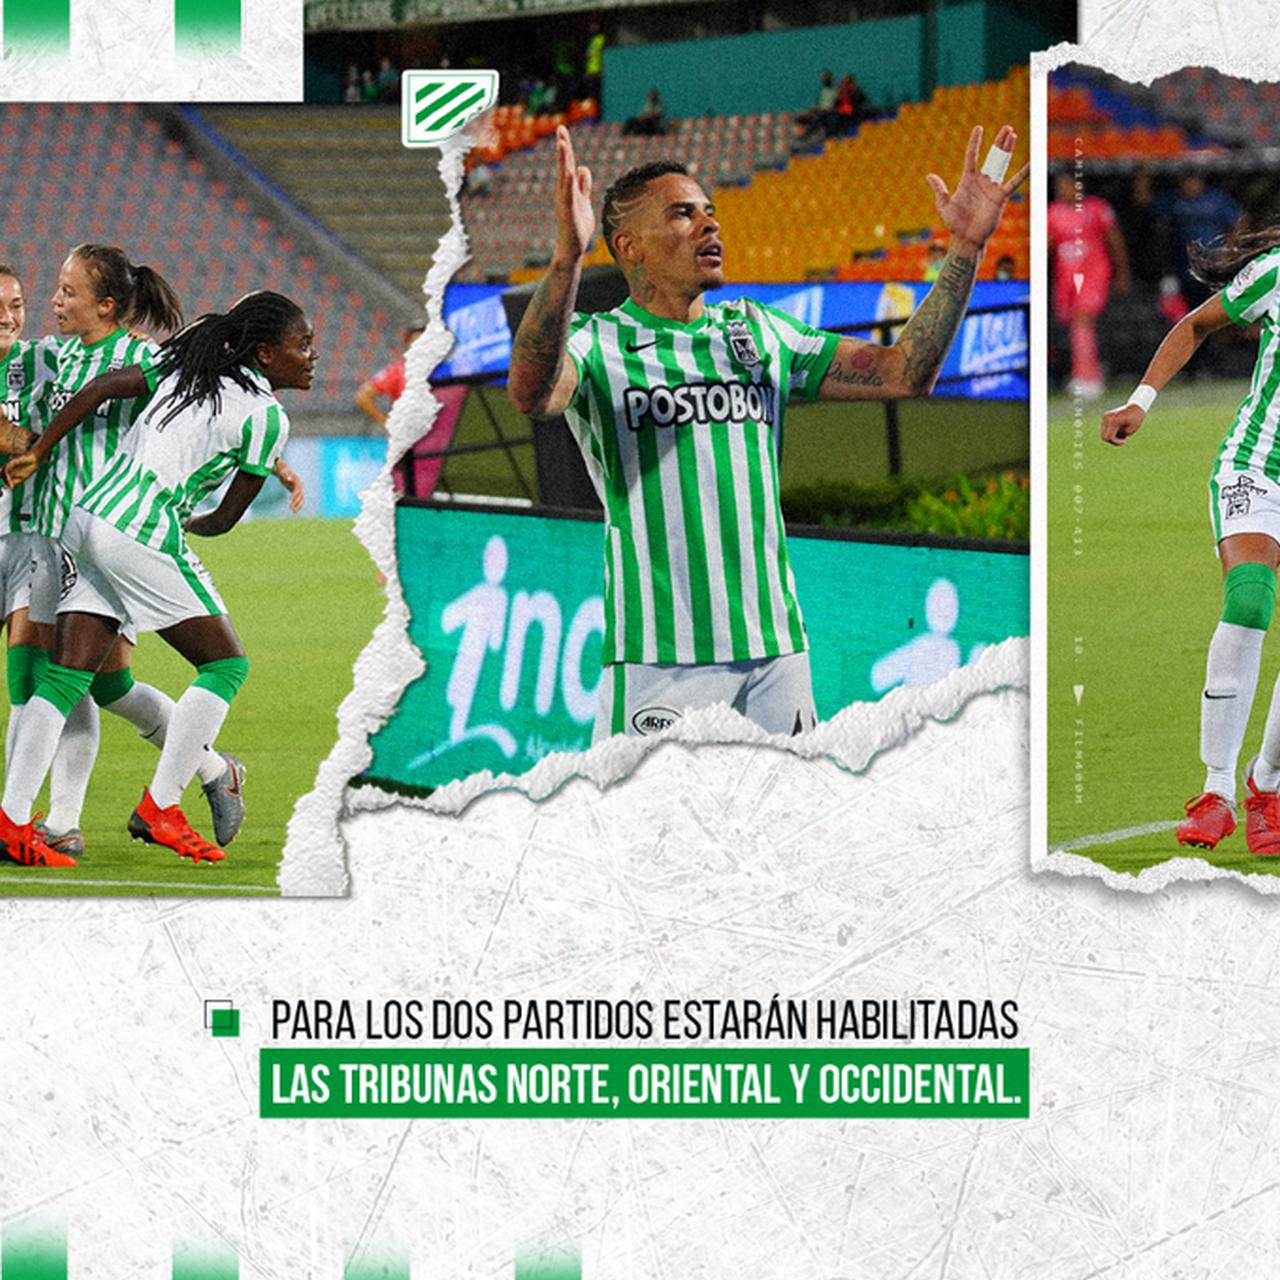 Hinchas de Nacional podran asistir al partido de la fecha 7 de la Liga ante Aguilas 2